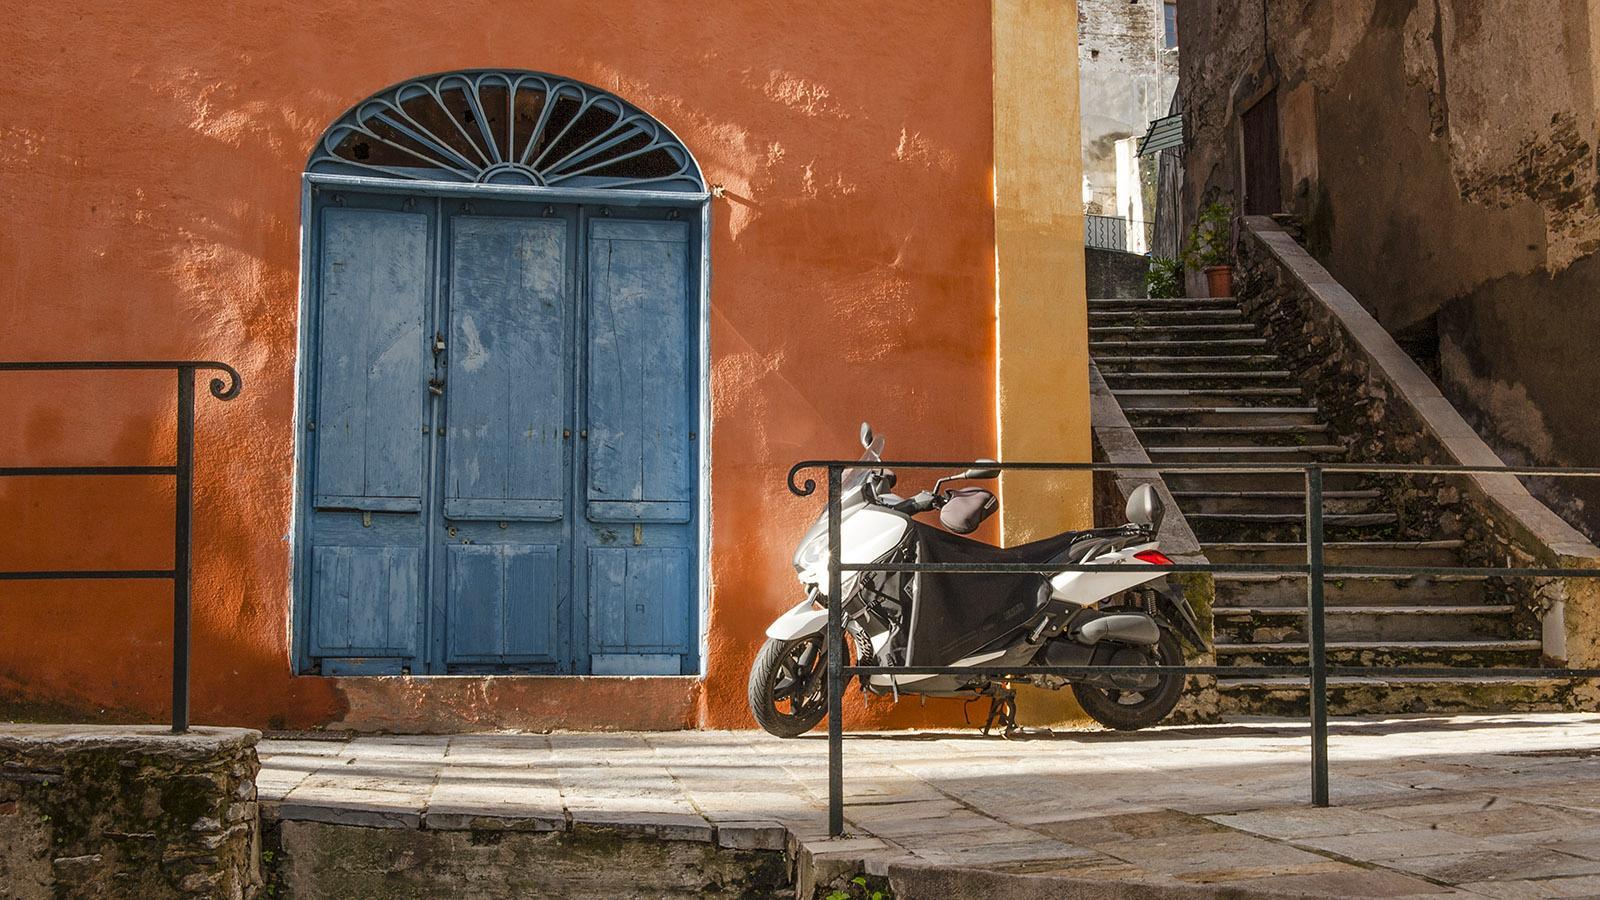 Bastia: Altstadtflair in der Zitadell